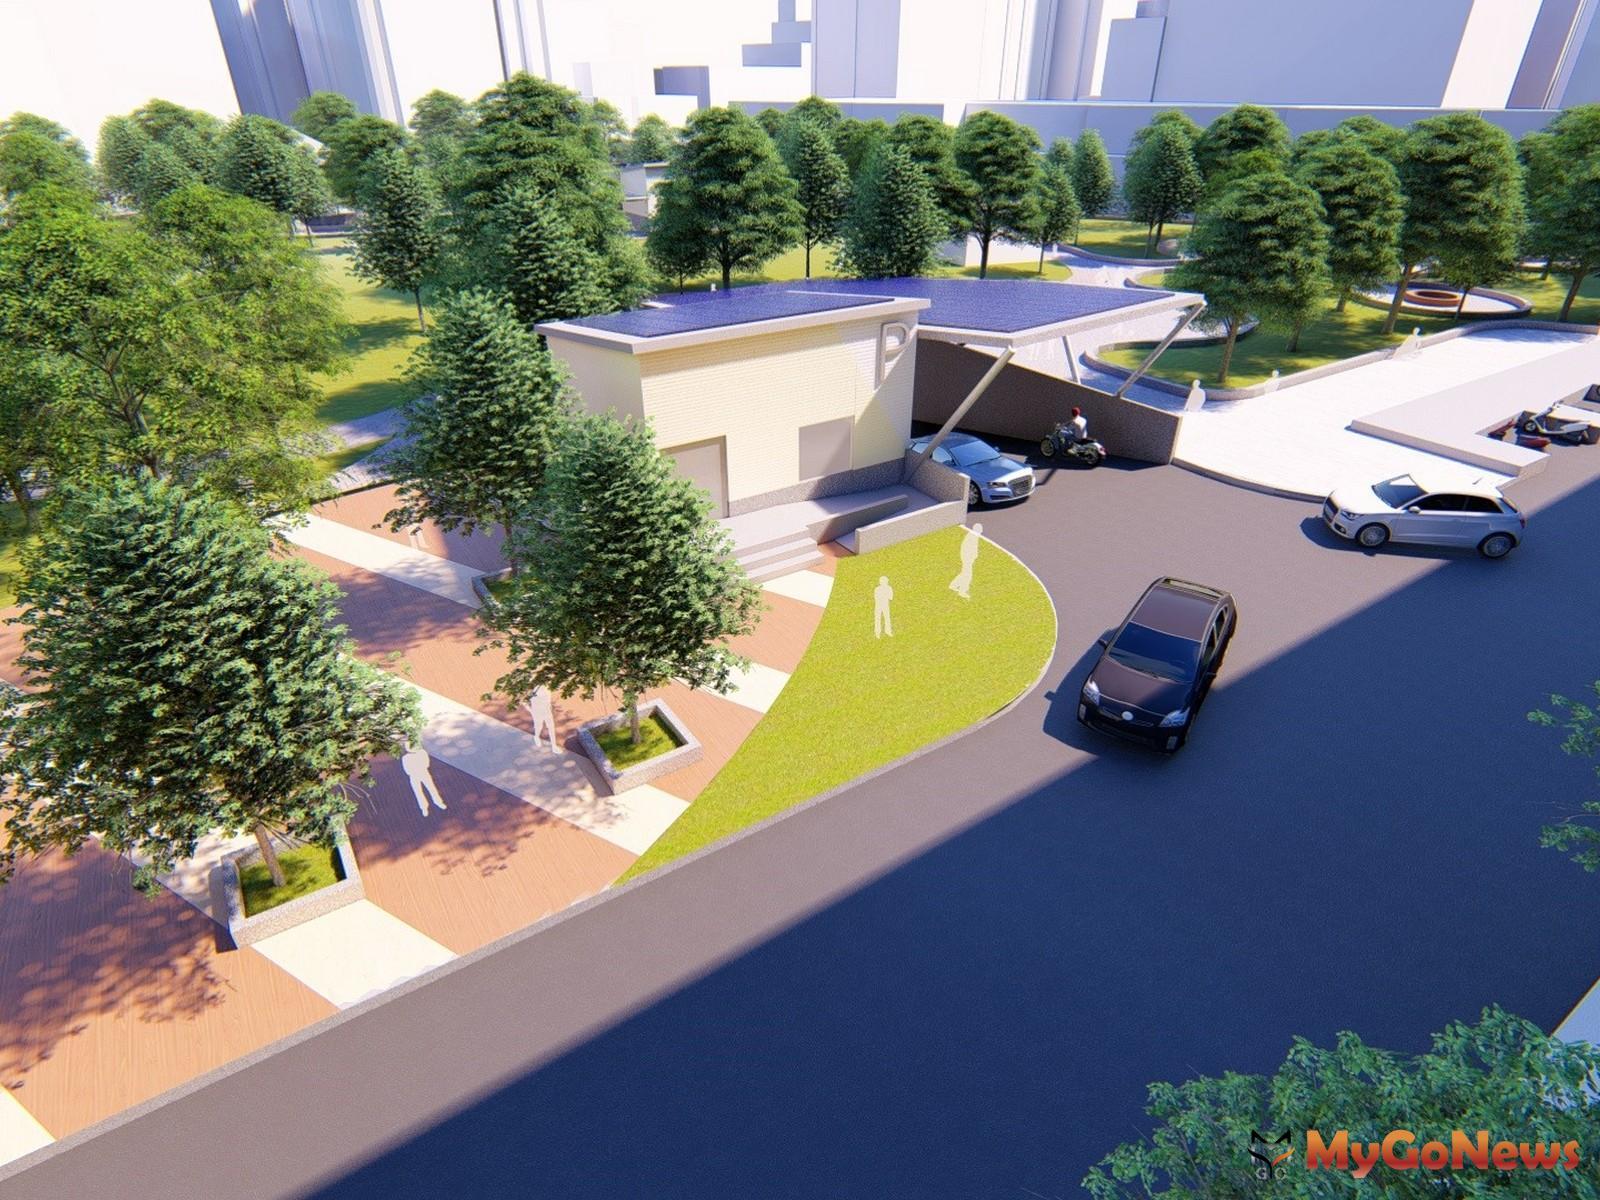 板橋、樹林將再添3座停車場,提供近千個汽機車停車位(圖:新北市政府) MyGoNews房地產新聞 區域情報